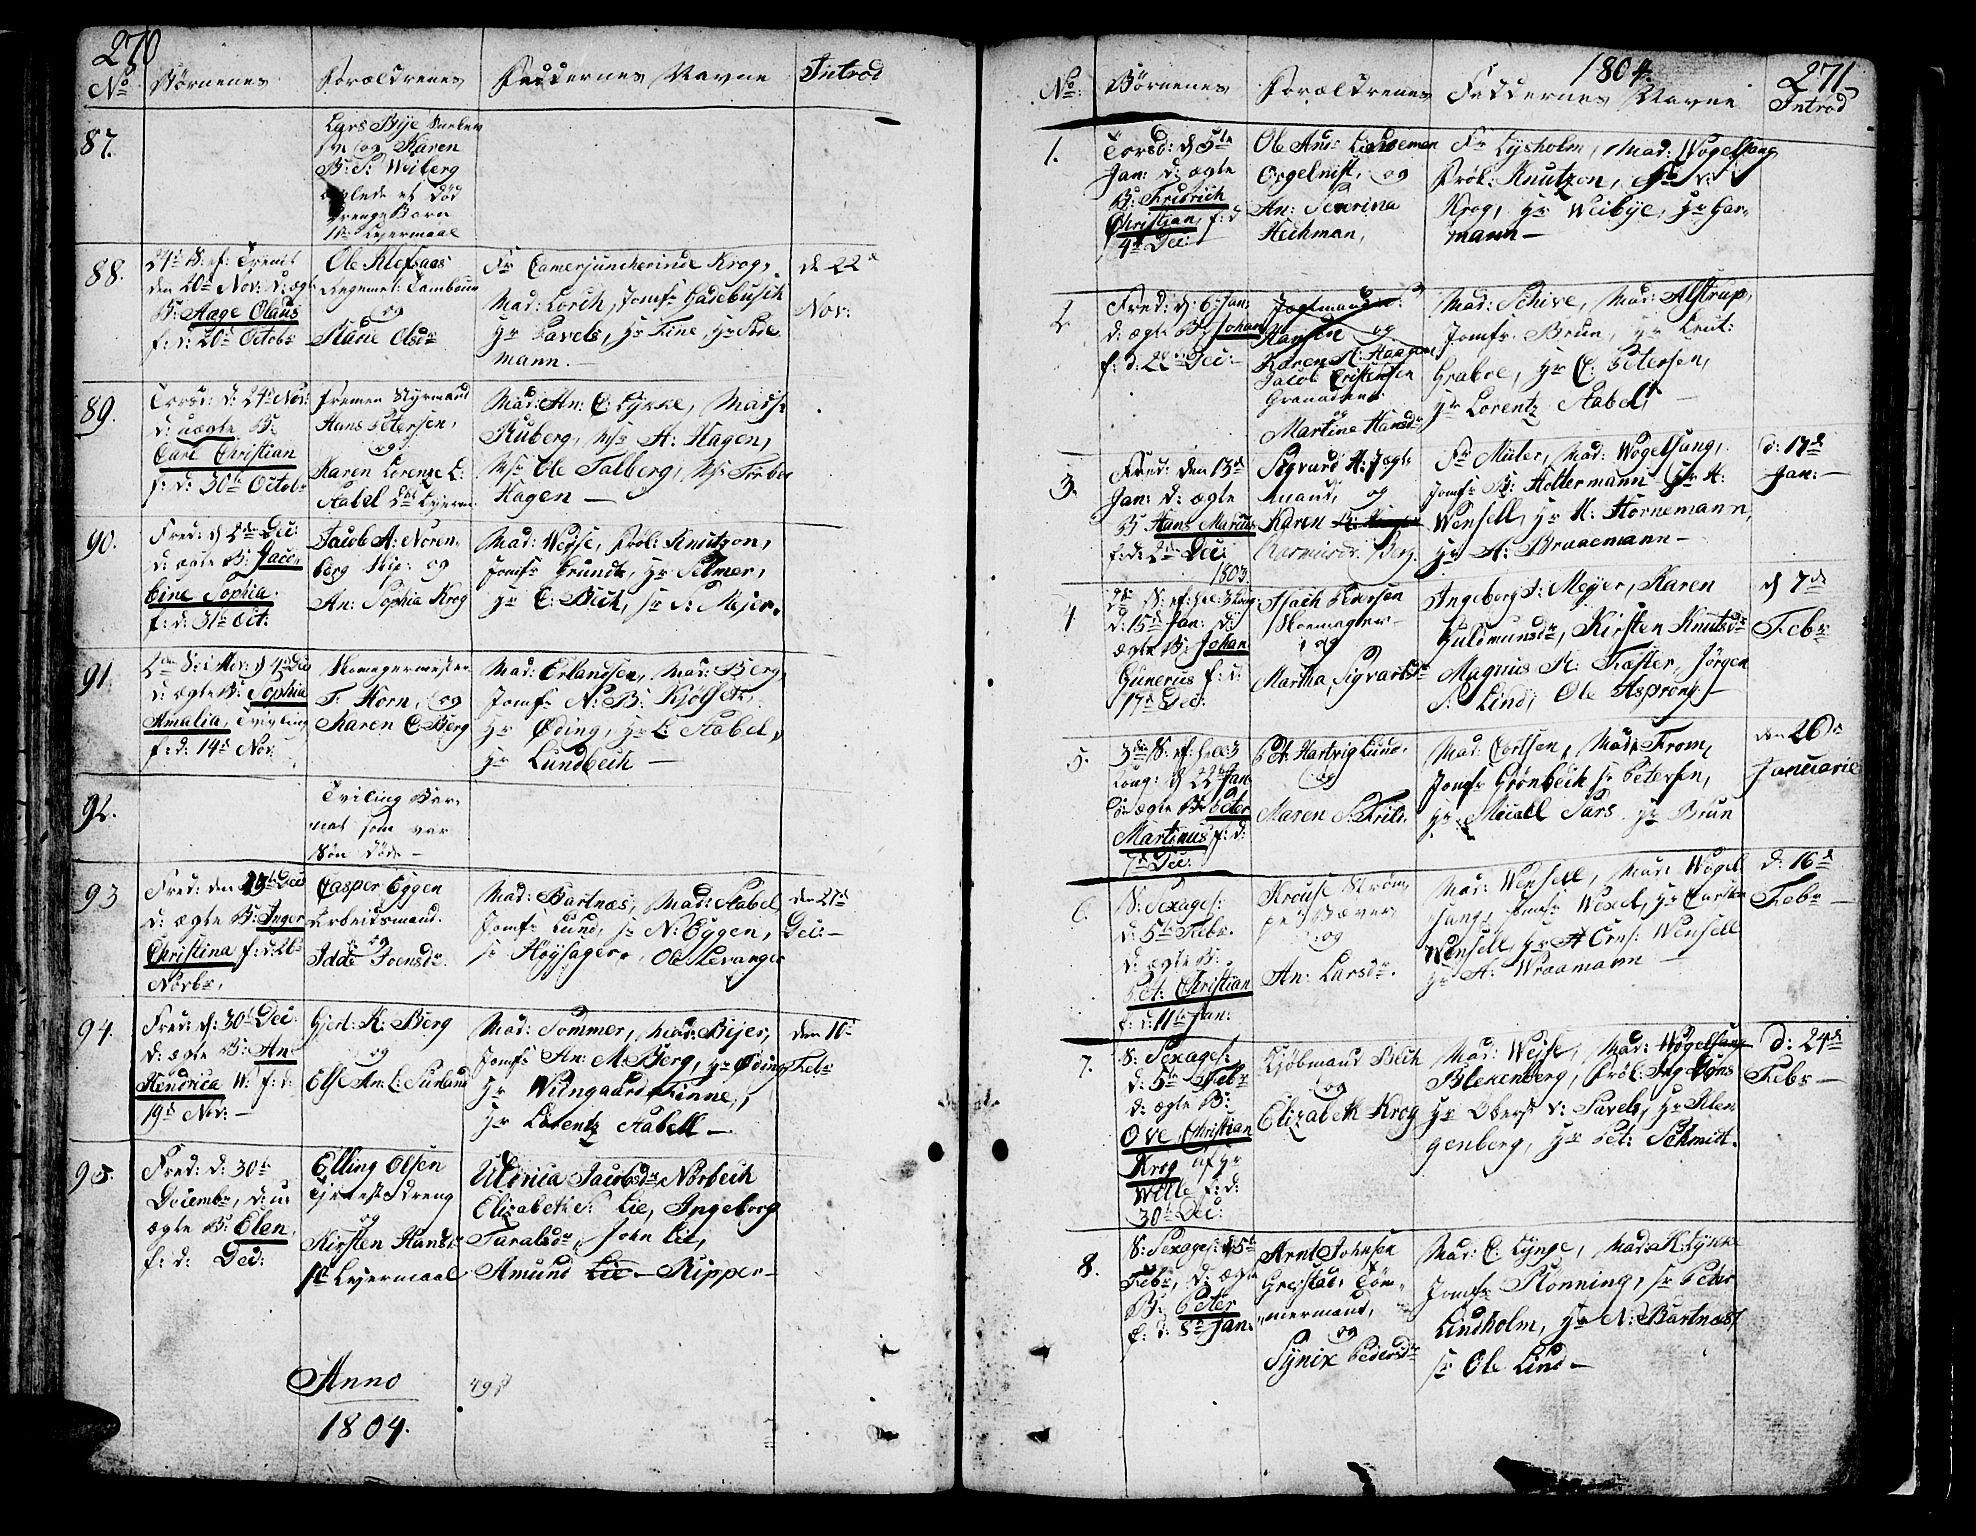 SAT, Ministerialprotokoller, klokkerbøker og fødselsregistre - Sør-Trøndelag, 602/L0104: Ministerialbok nr. 602A02, 1774-1814, s. 270-271